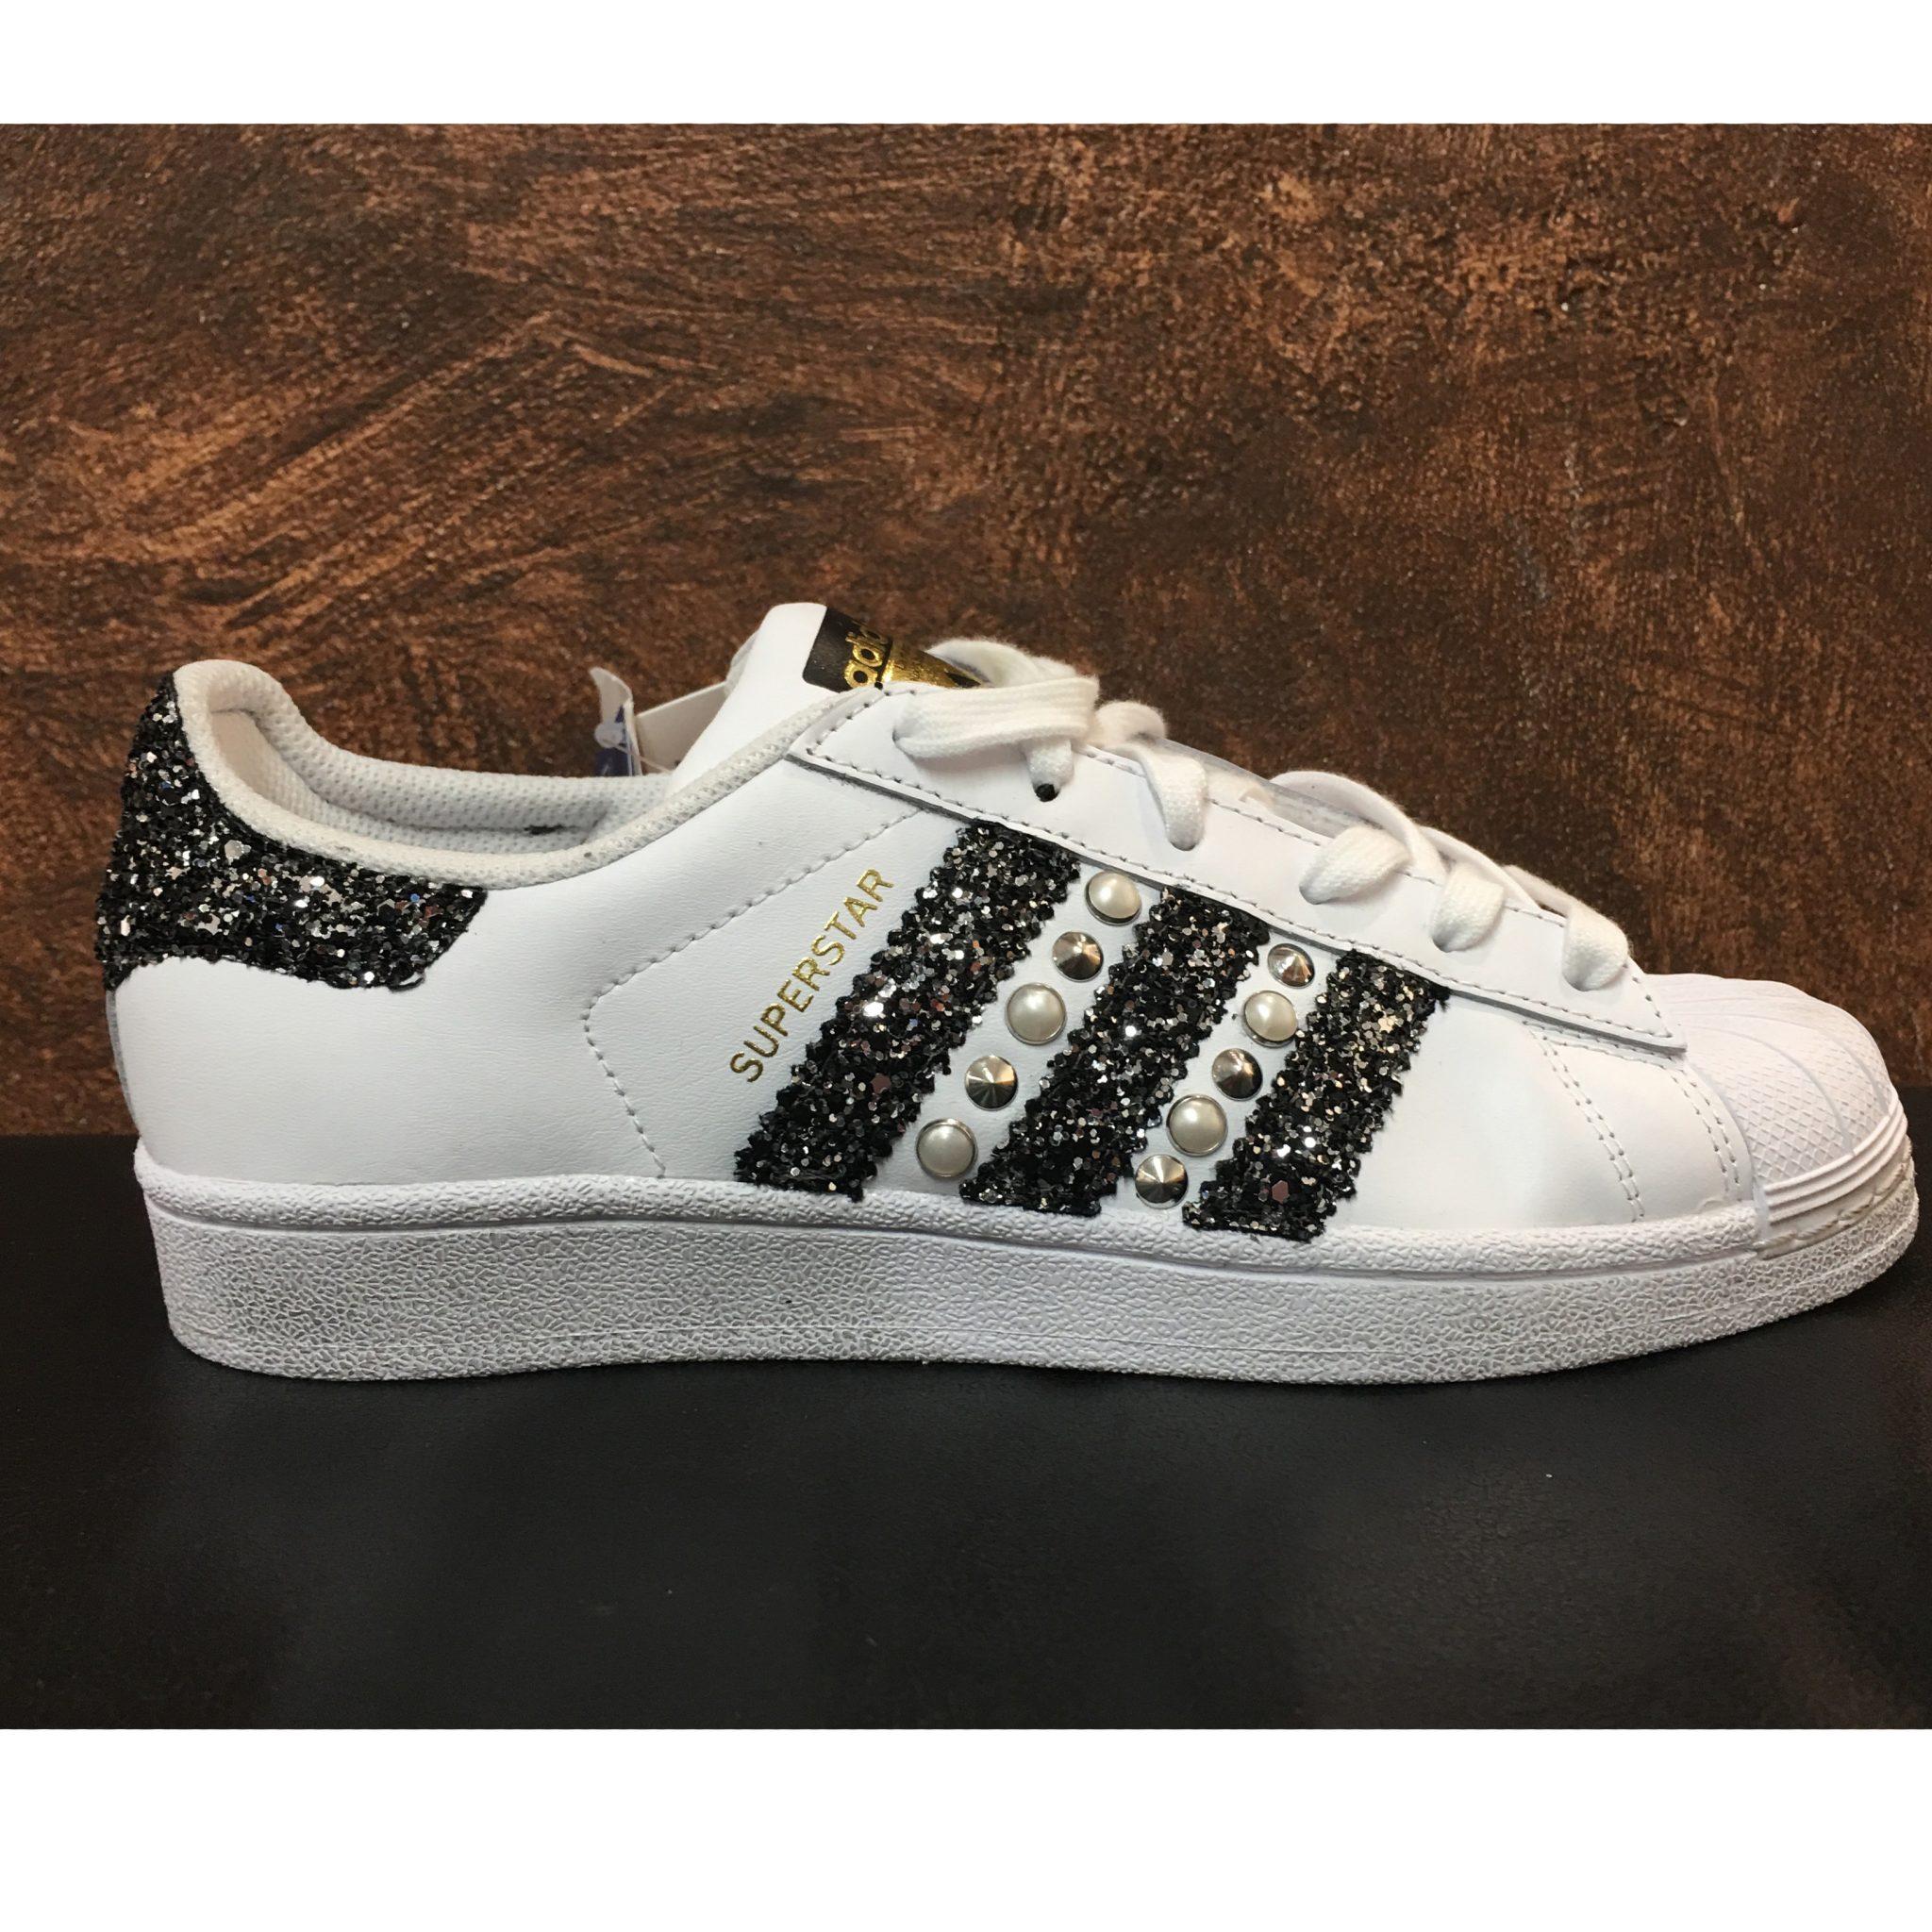 Acquistare > scarpe adidas superstar personalizzate 51